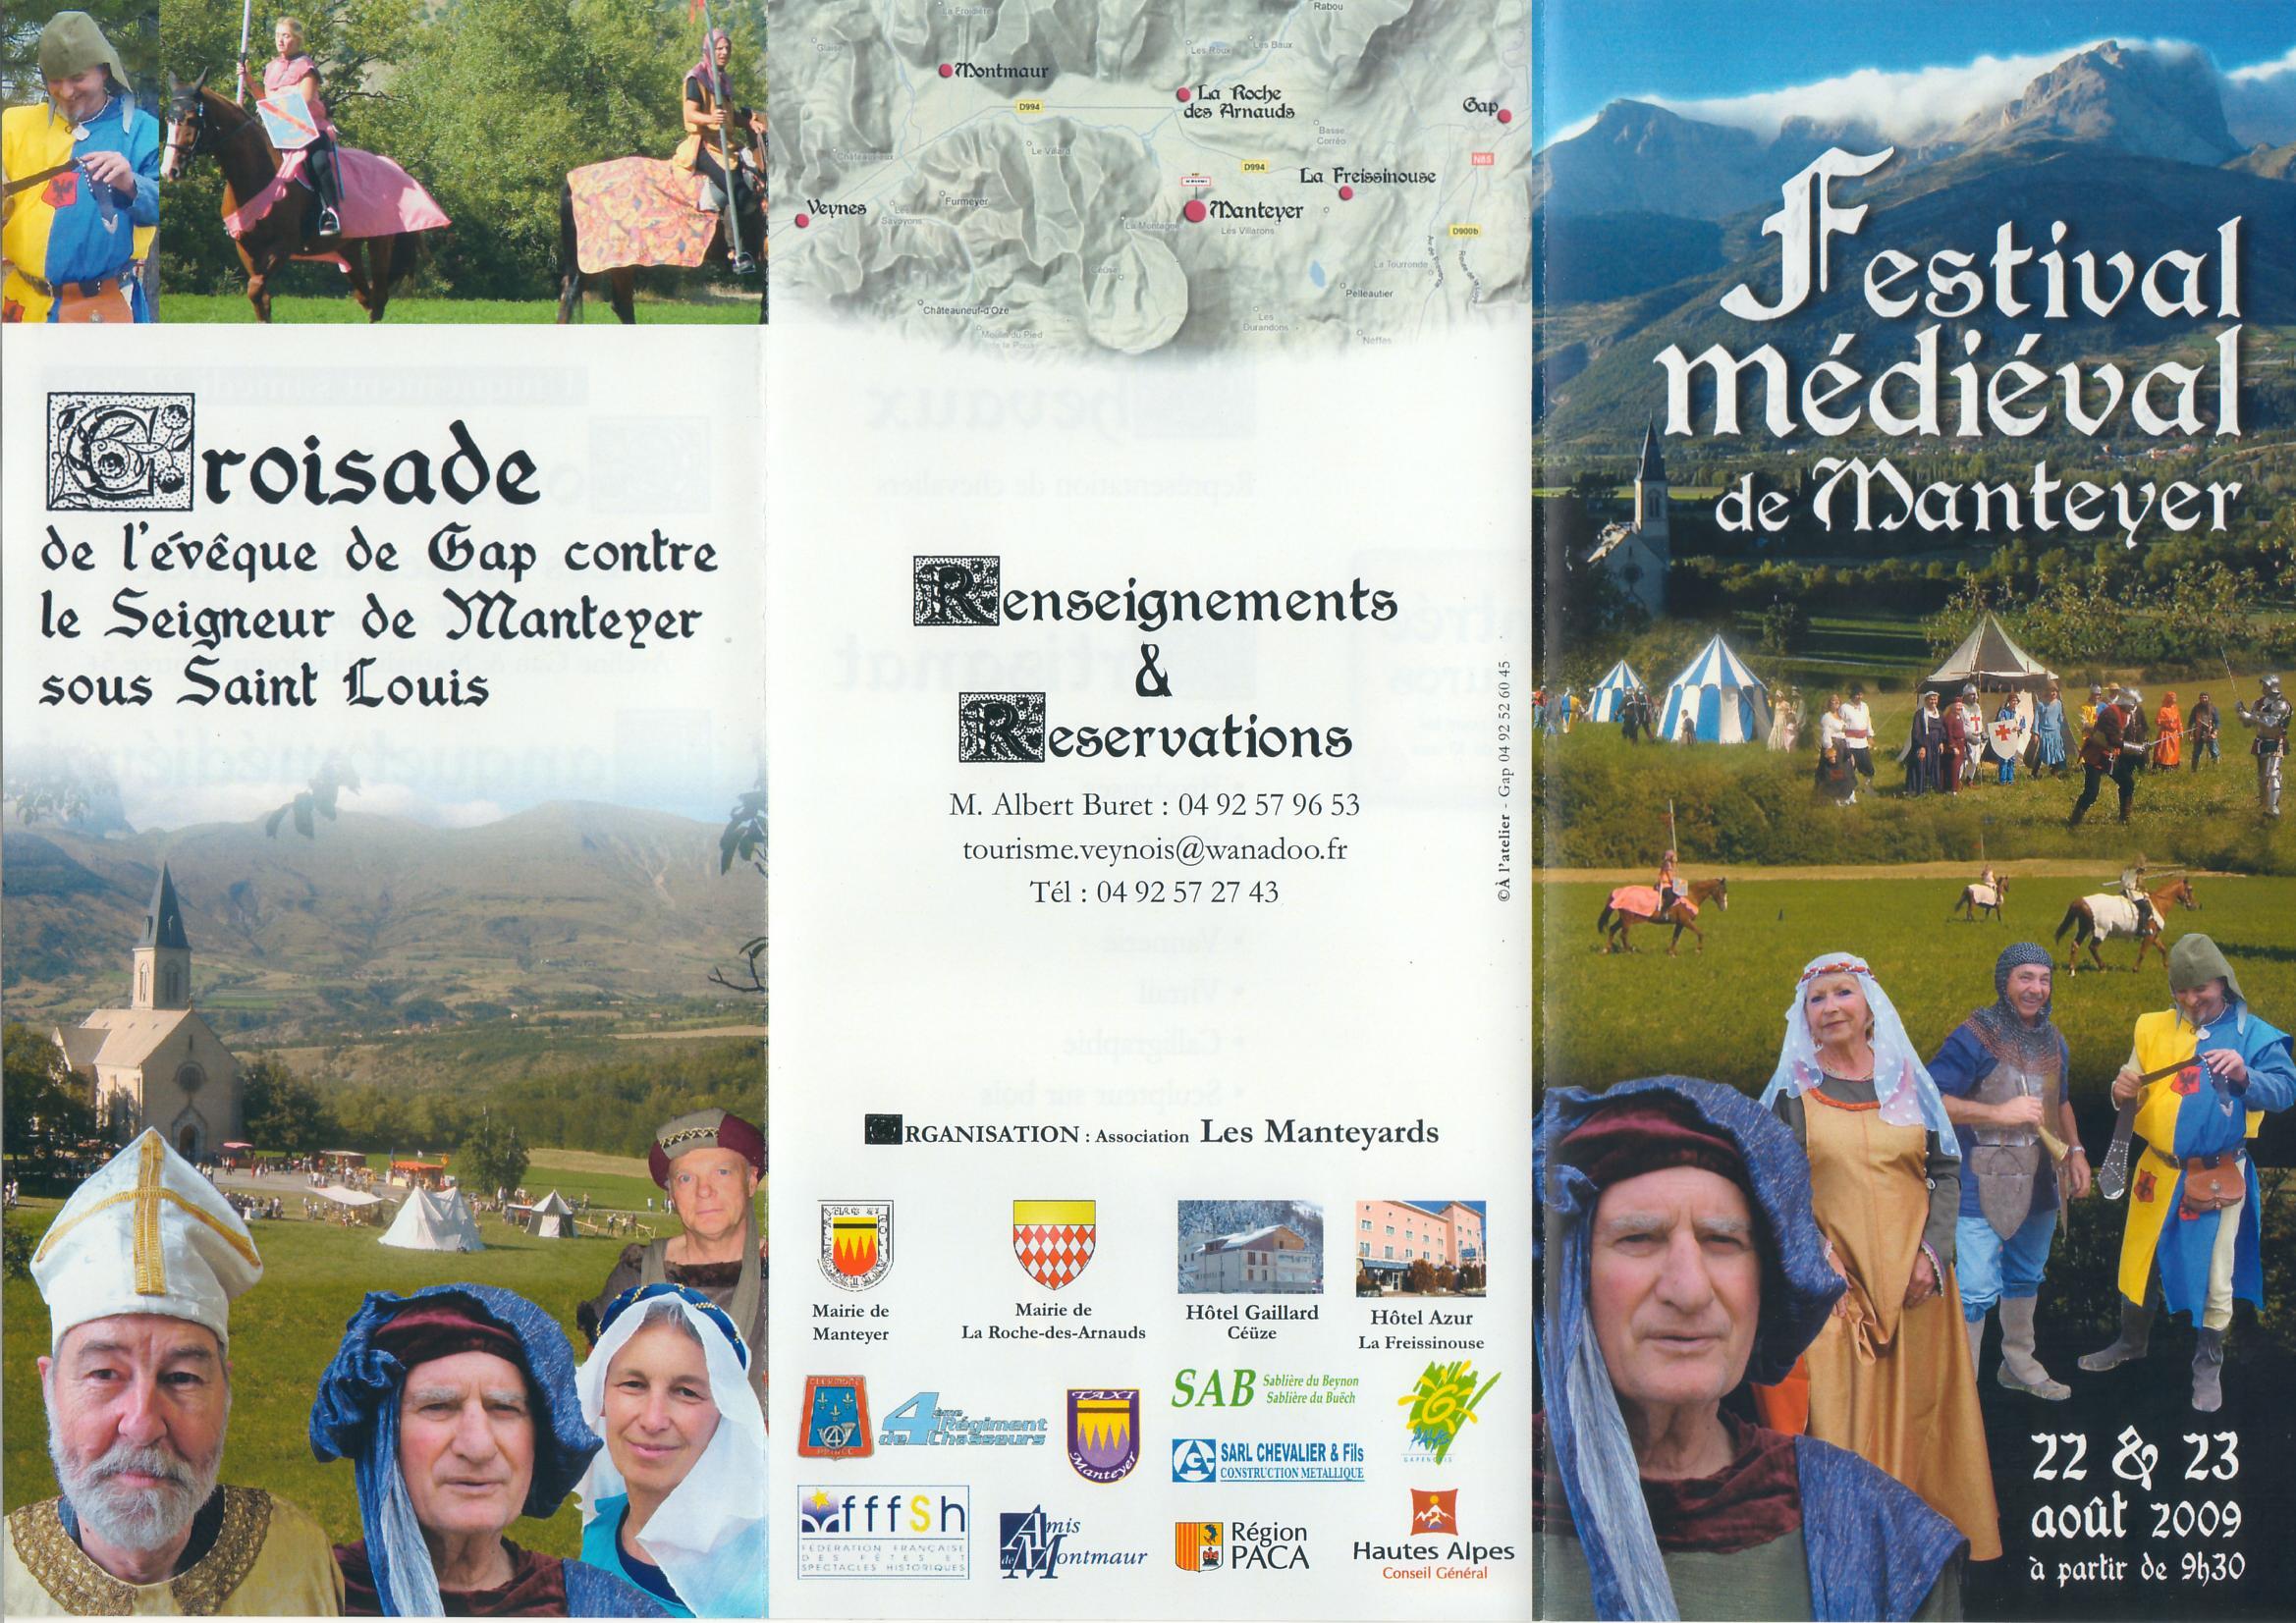 Fete Médiévale de Manteyer - 22-23 Aout 2009 Scan-10663f0